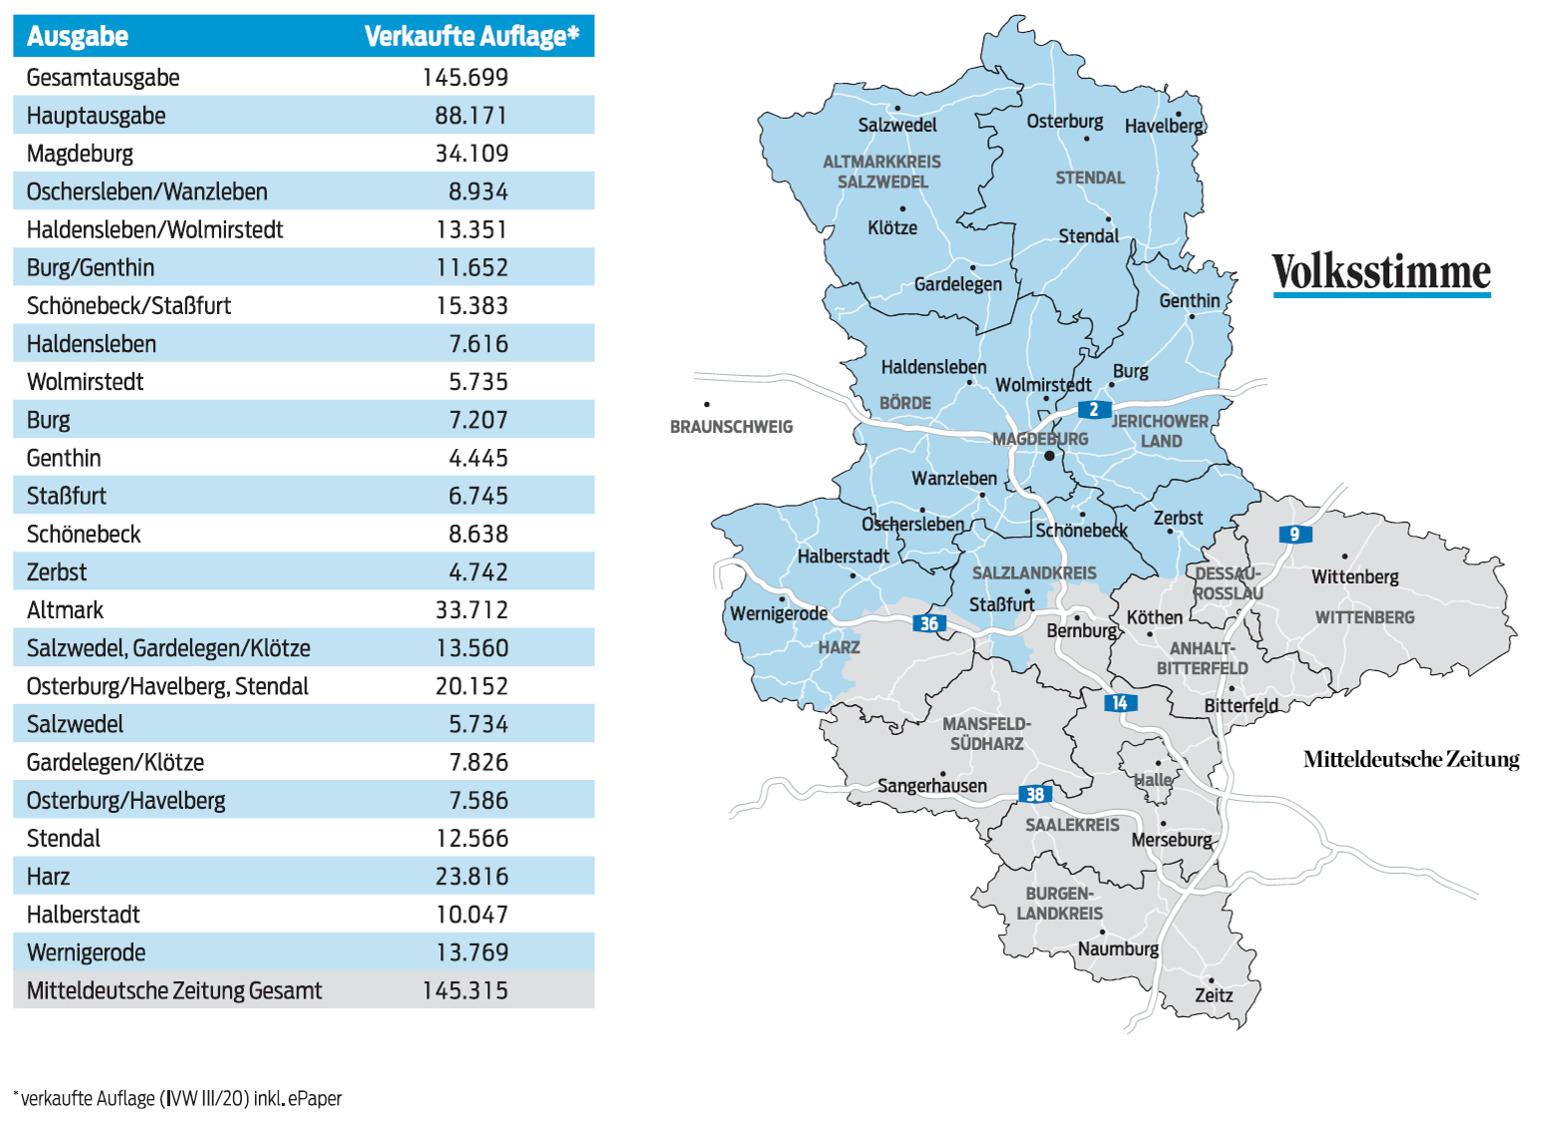 Auflage-und-Verbreitungsgebiet-VS-2021_03